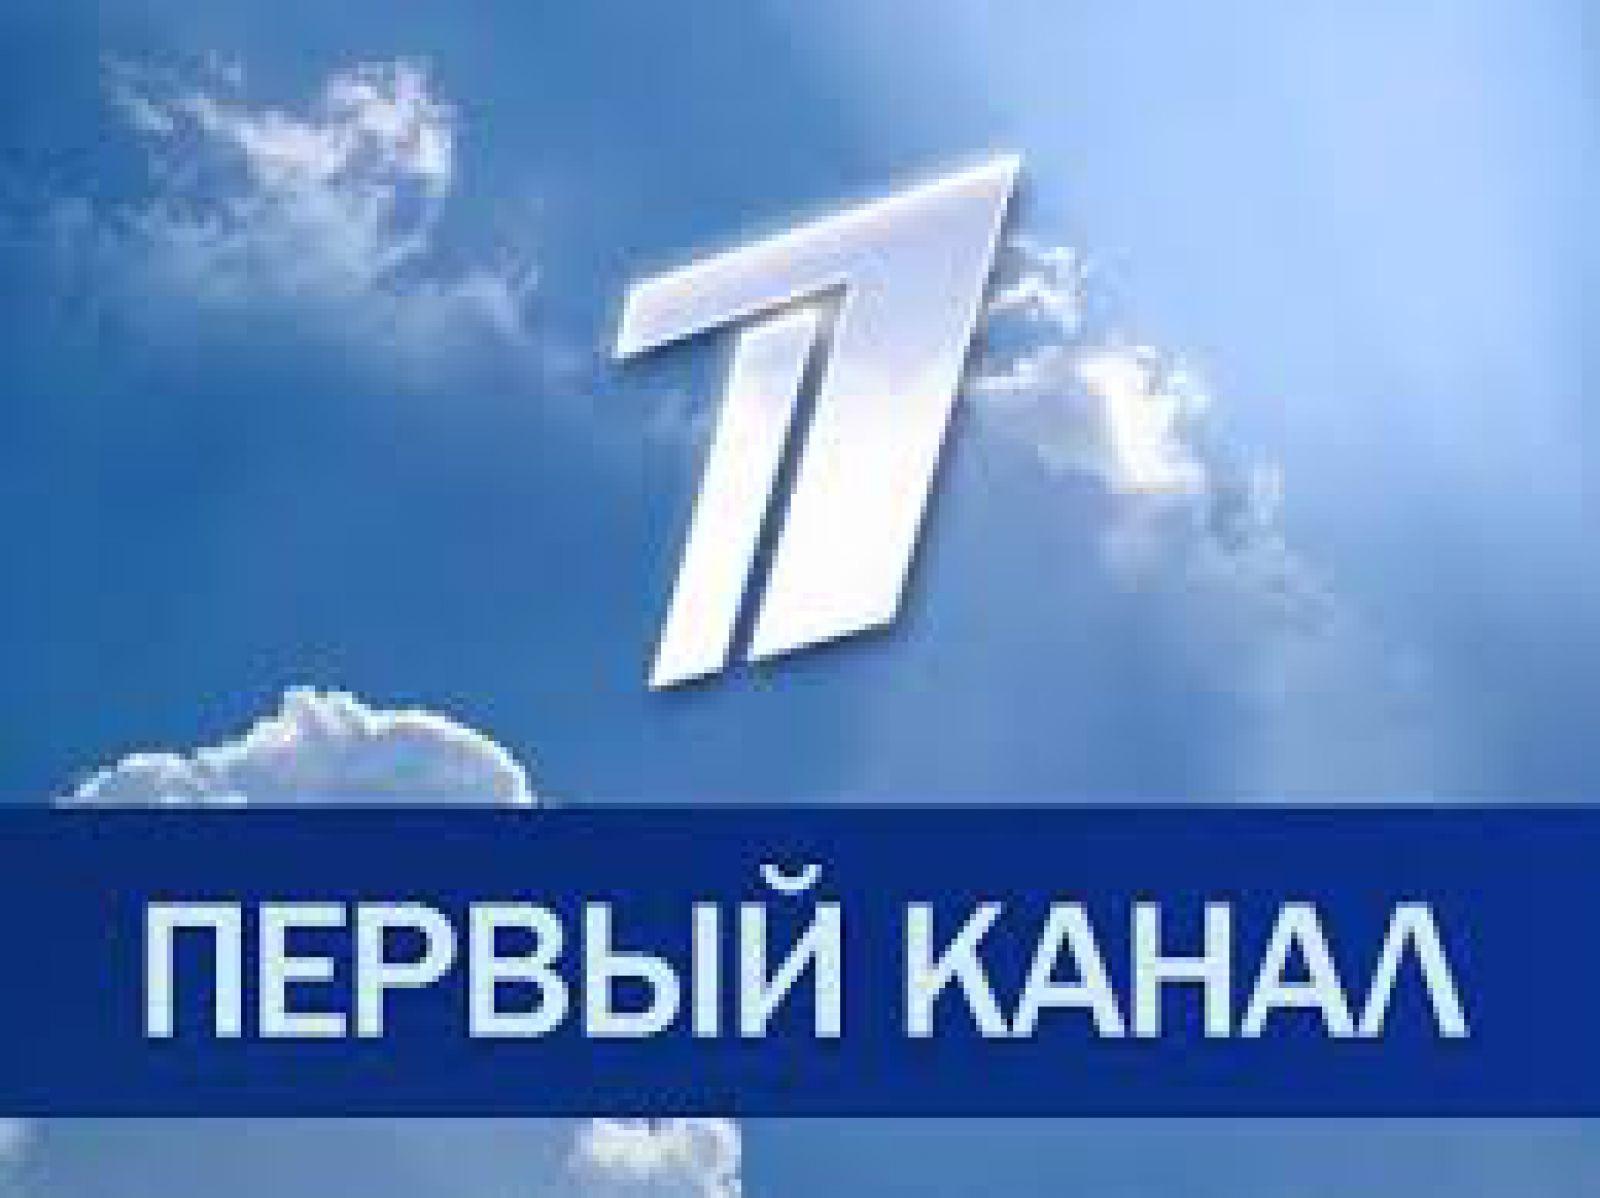 Смотреть россия к канал онлайн бесплатно прямой эфир 9 фотография